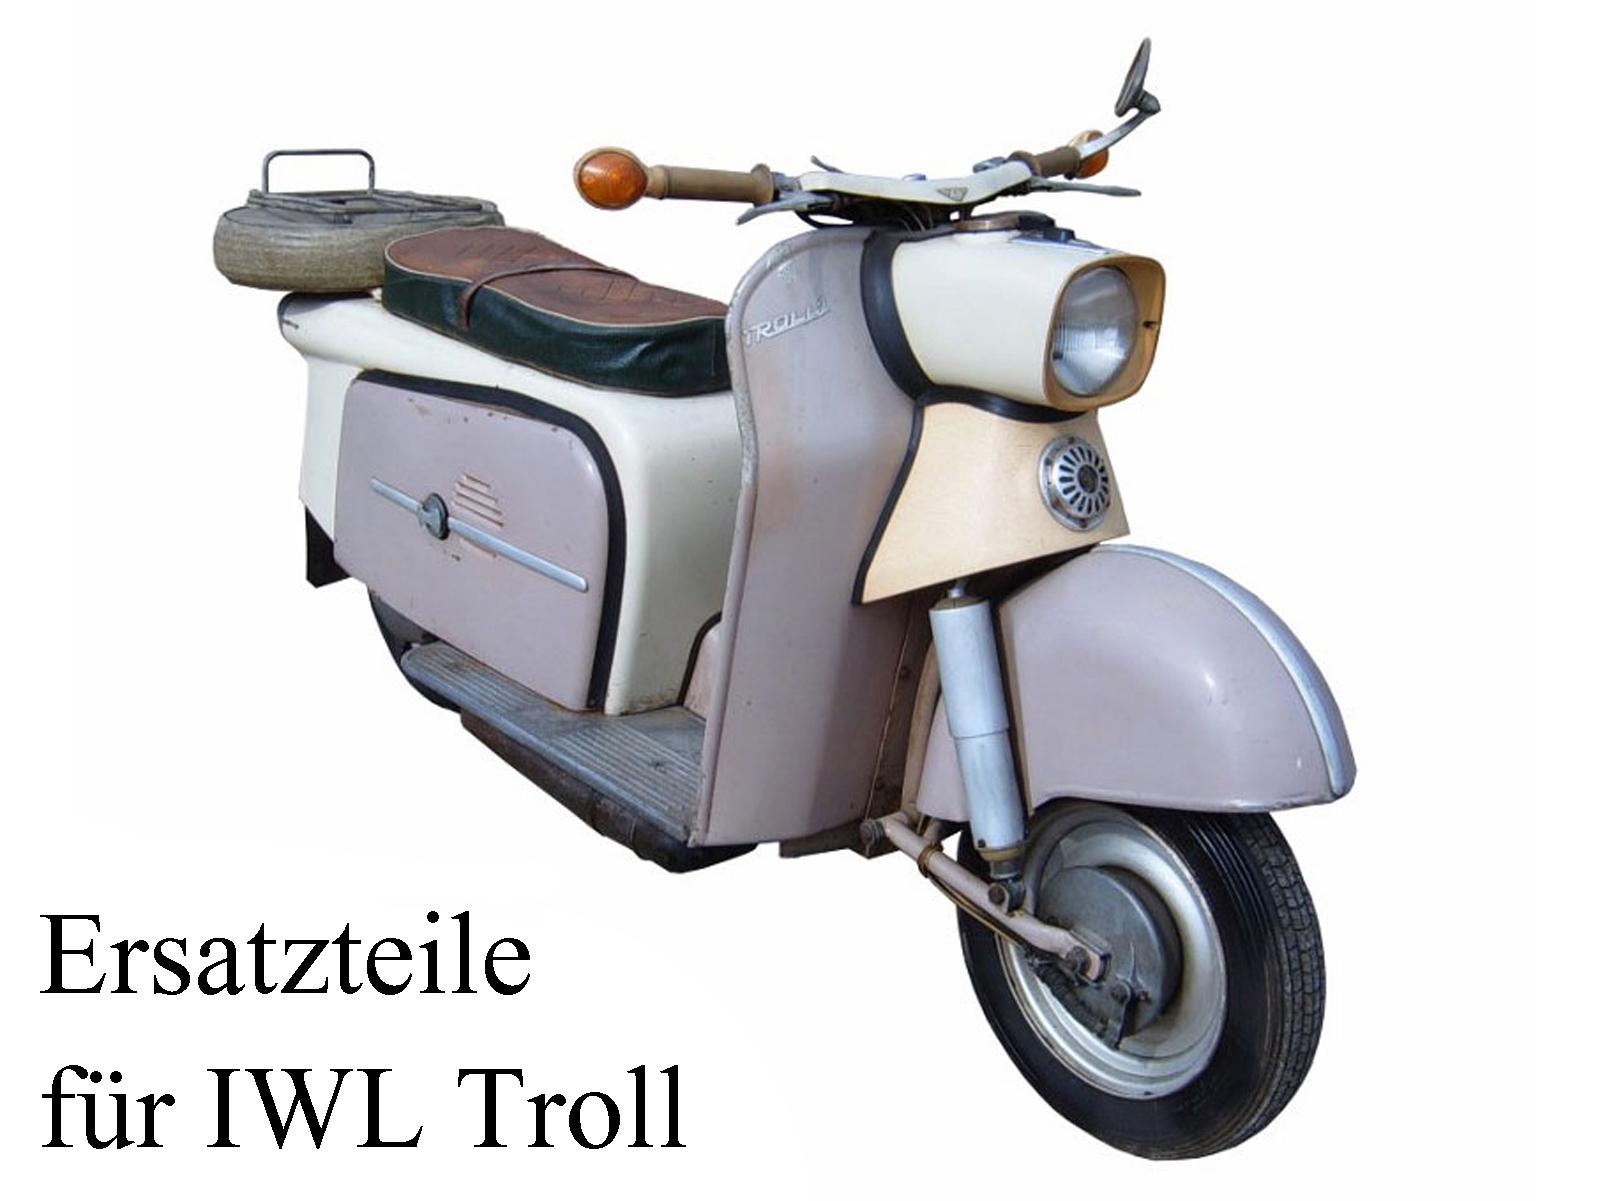 Ersatzteile kaufen für die DDR-Motorroller IWL Troll TR 150